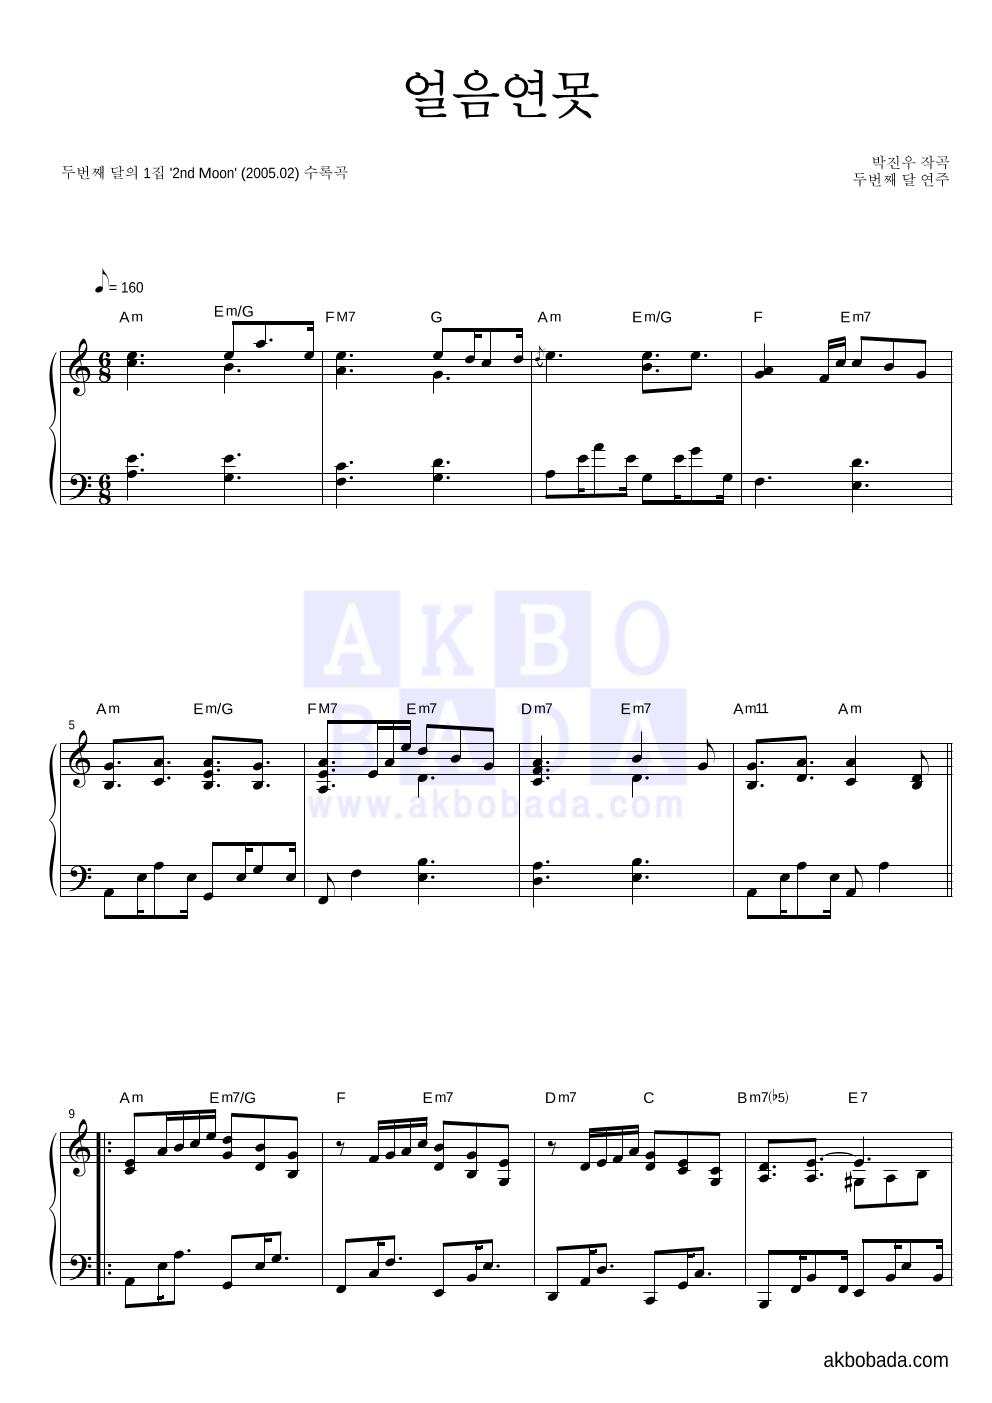 두번째 달 - 얼음연못 피아노 2단 악보